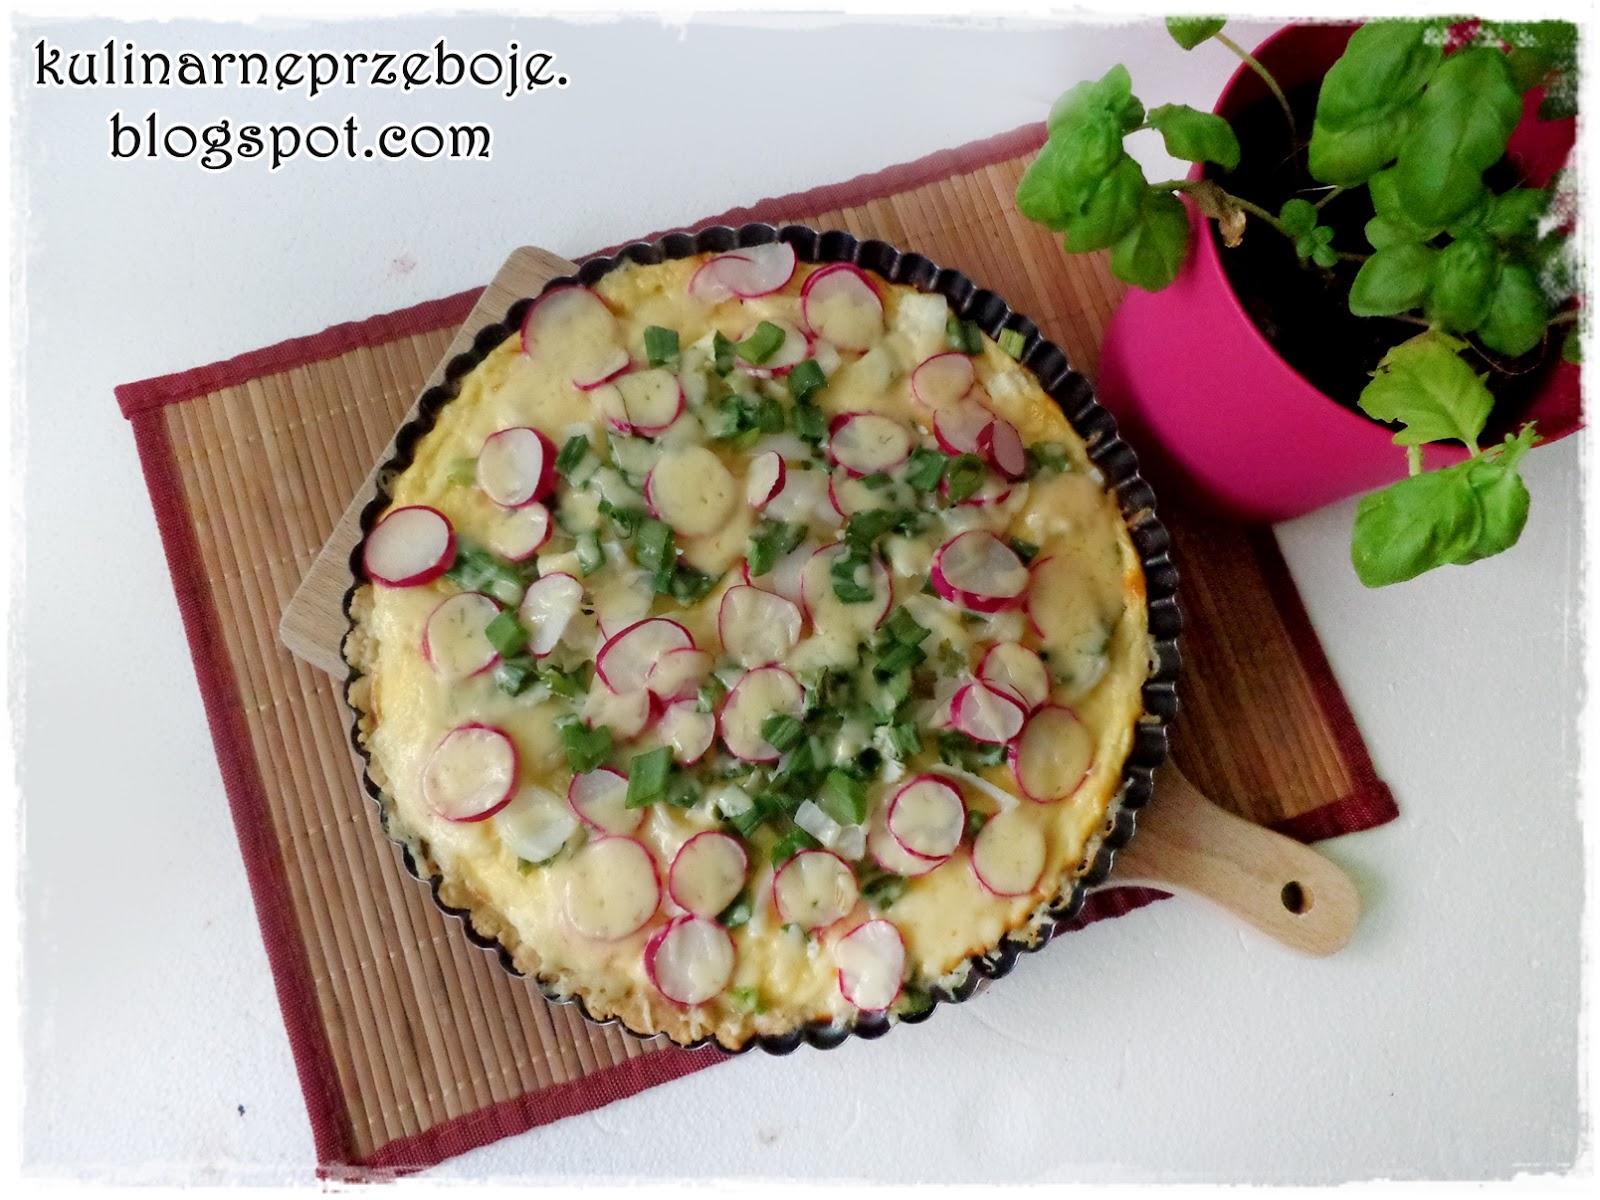 Wiosenna tarta na kruchym cieście (z rzodkiewką i serem feta)